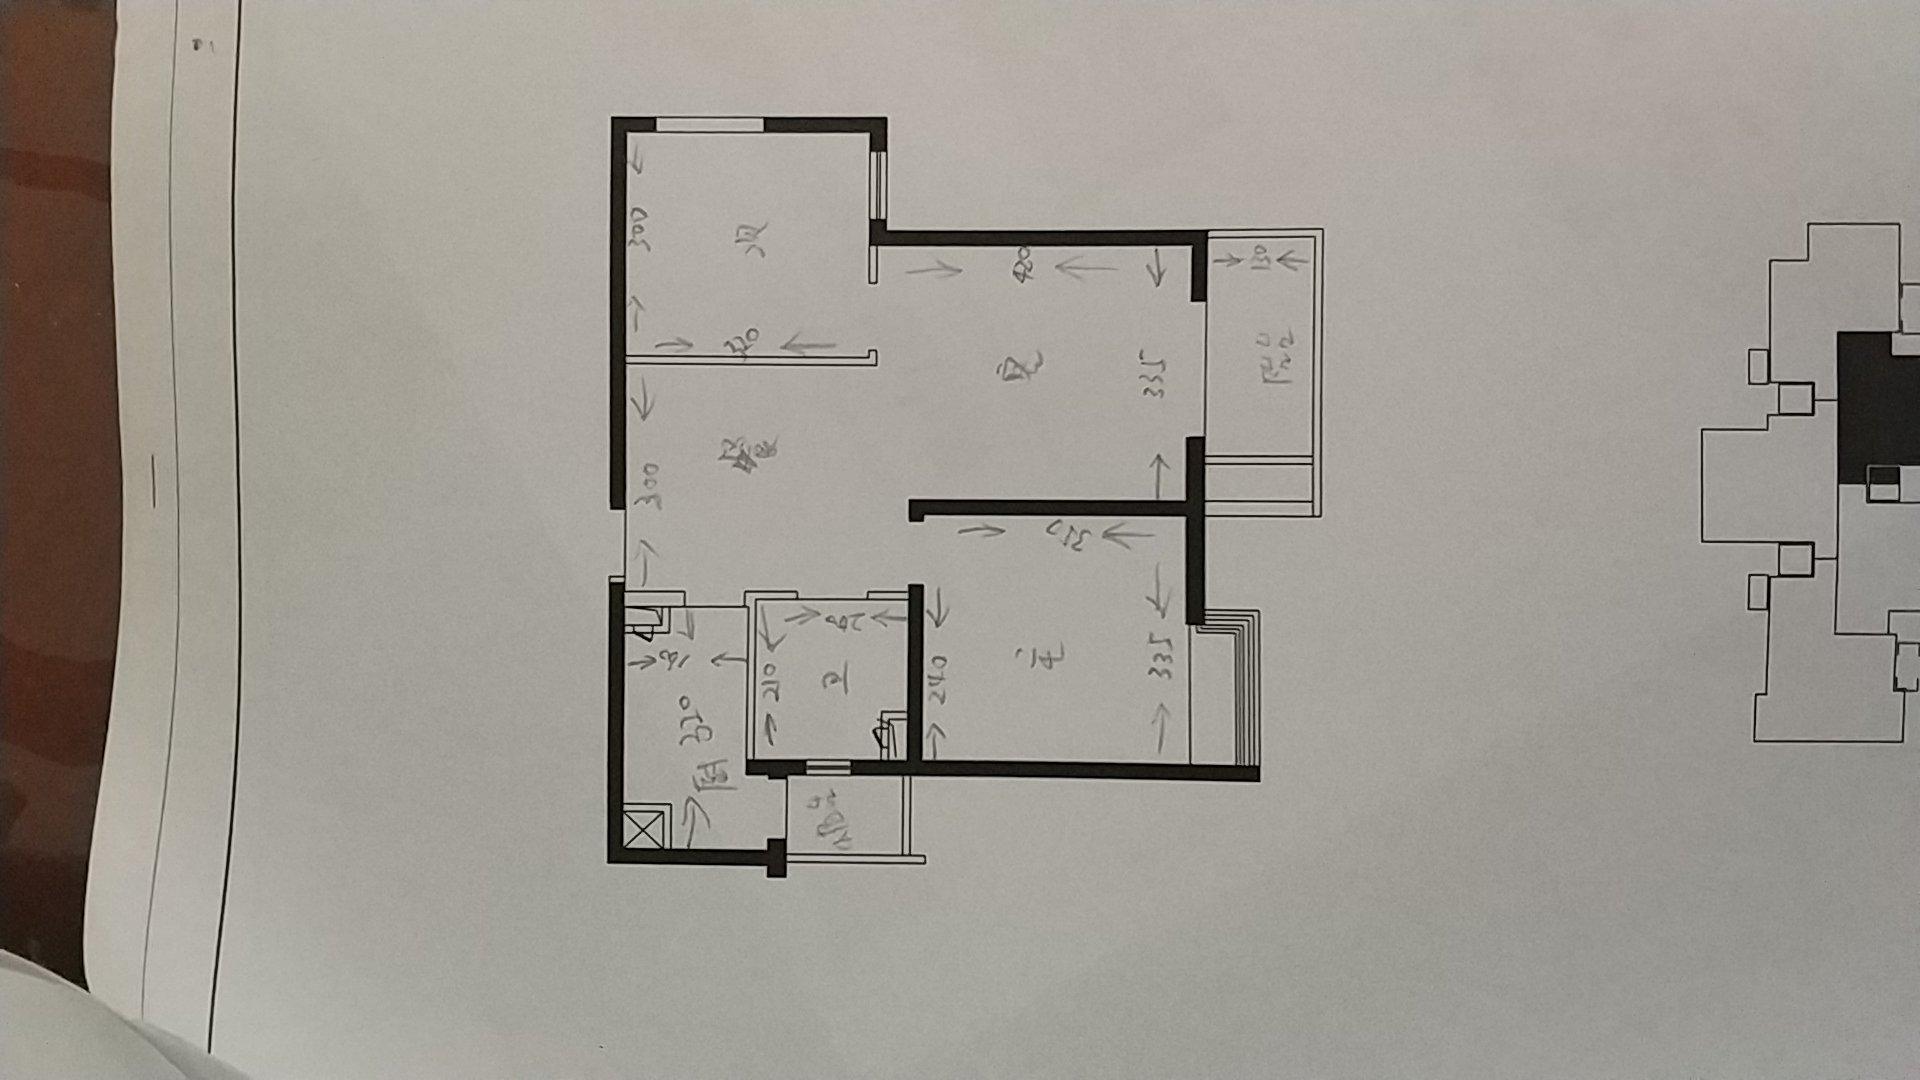 这样的户型可以两房改三房吗?